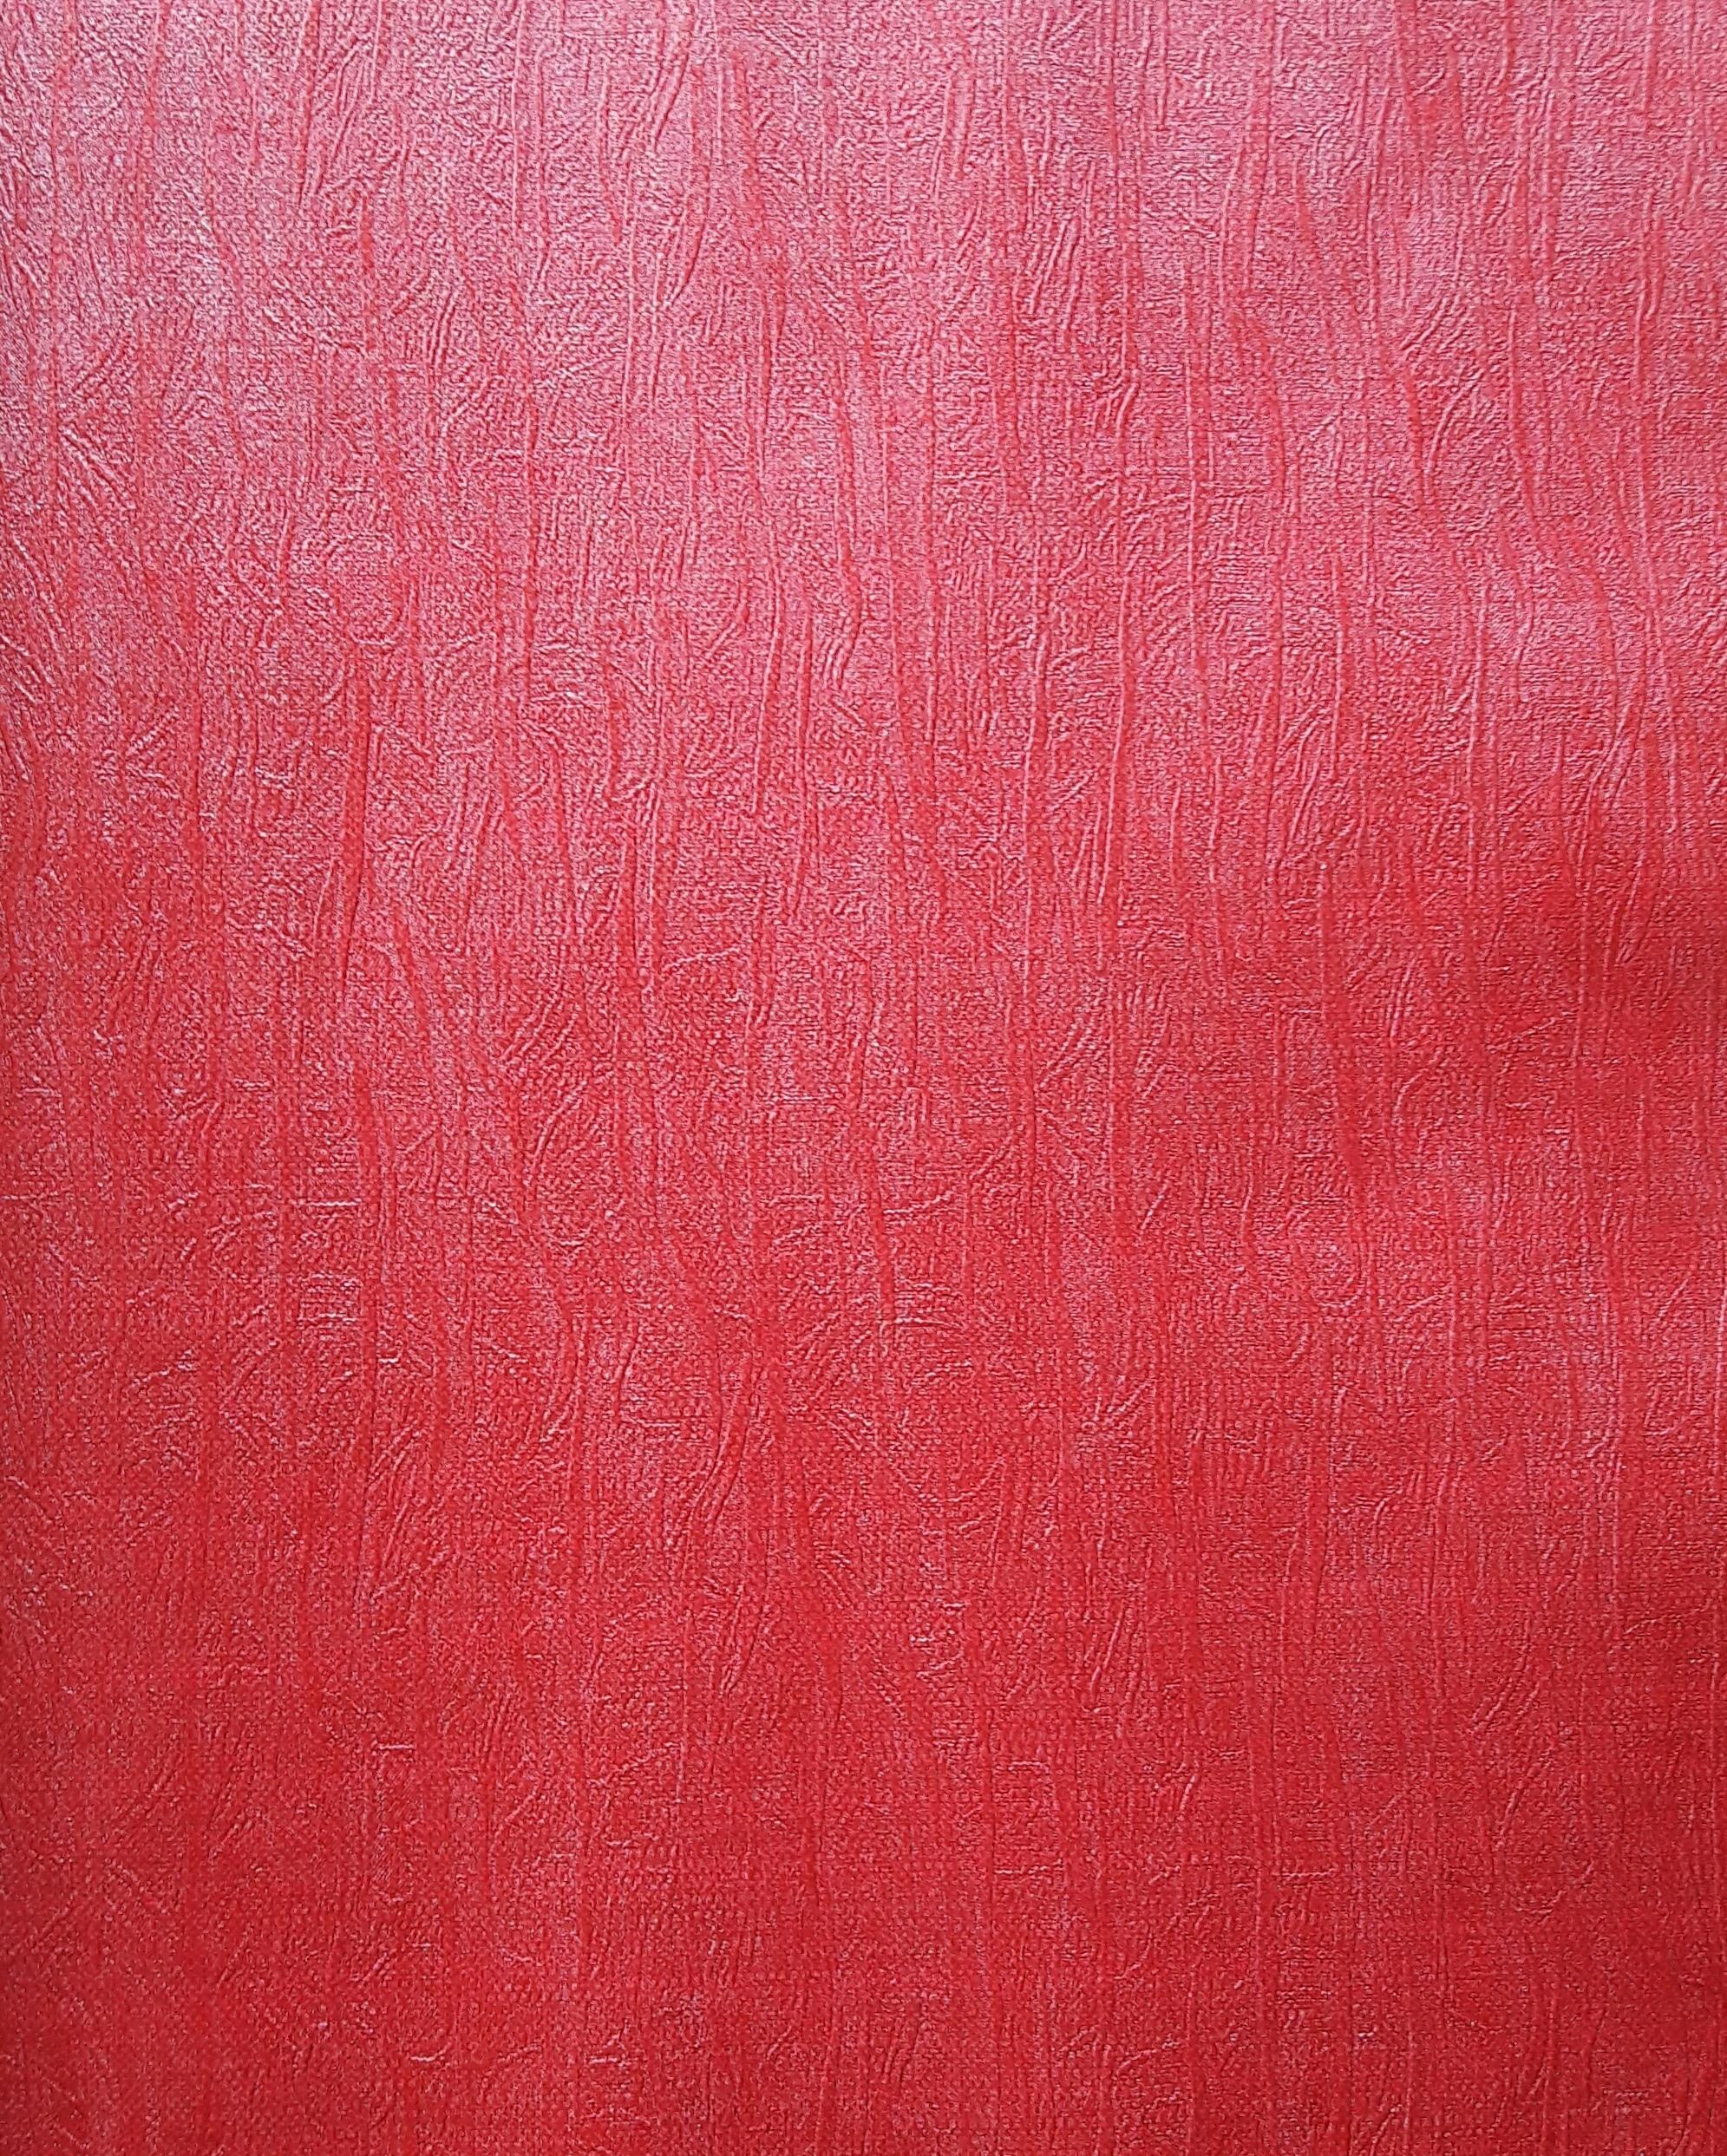 65 652270 jual wallpaper polos warna merah kembar makmur jaya